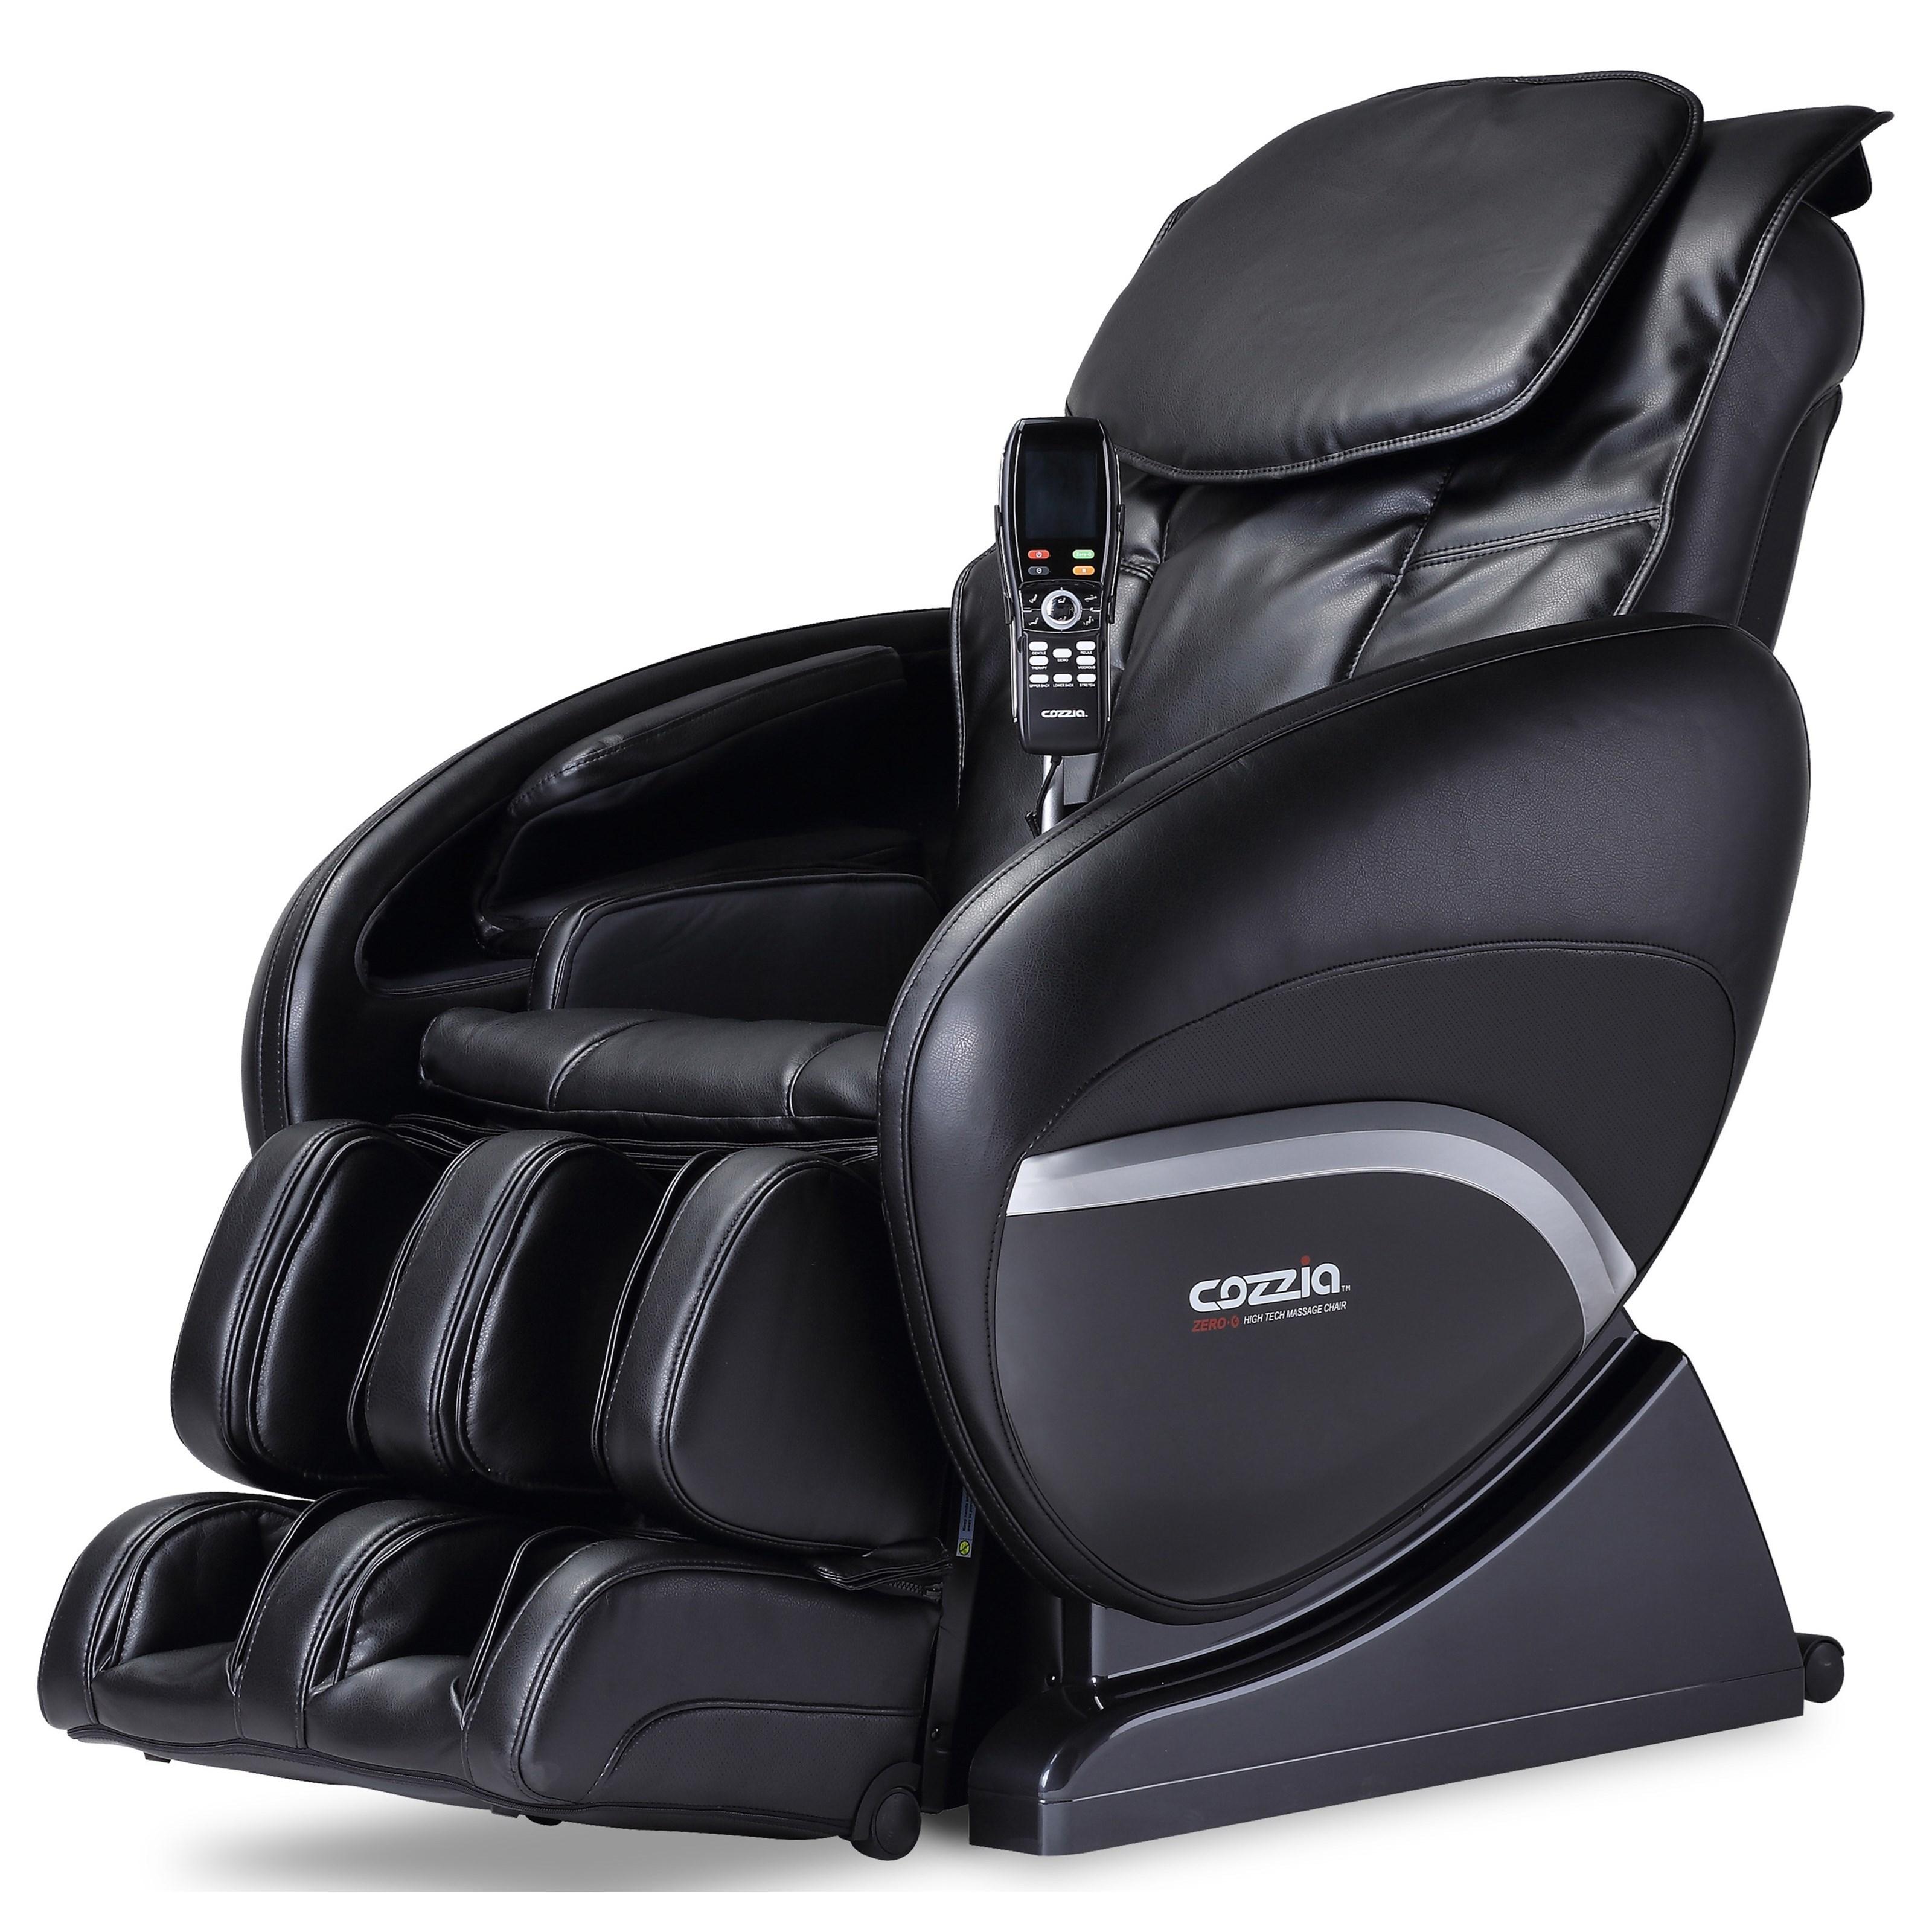 Cozzia CZ Zero Gravity Reclining Massage Chair - Item Number: CZ-388